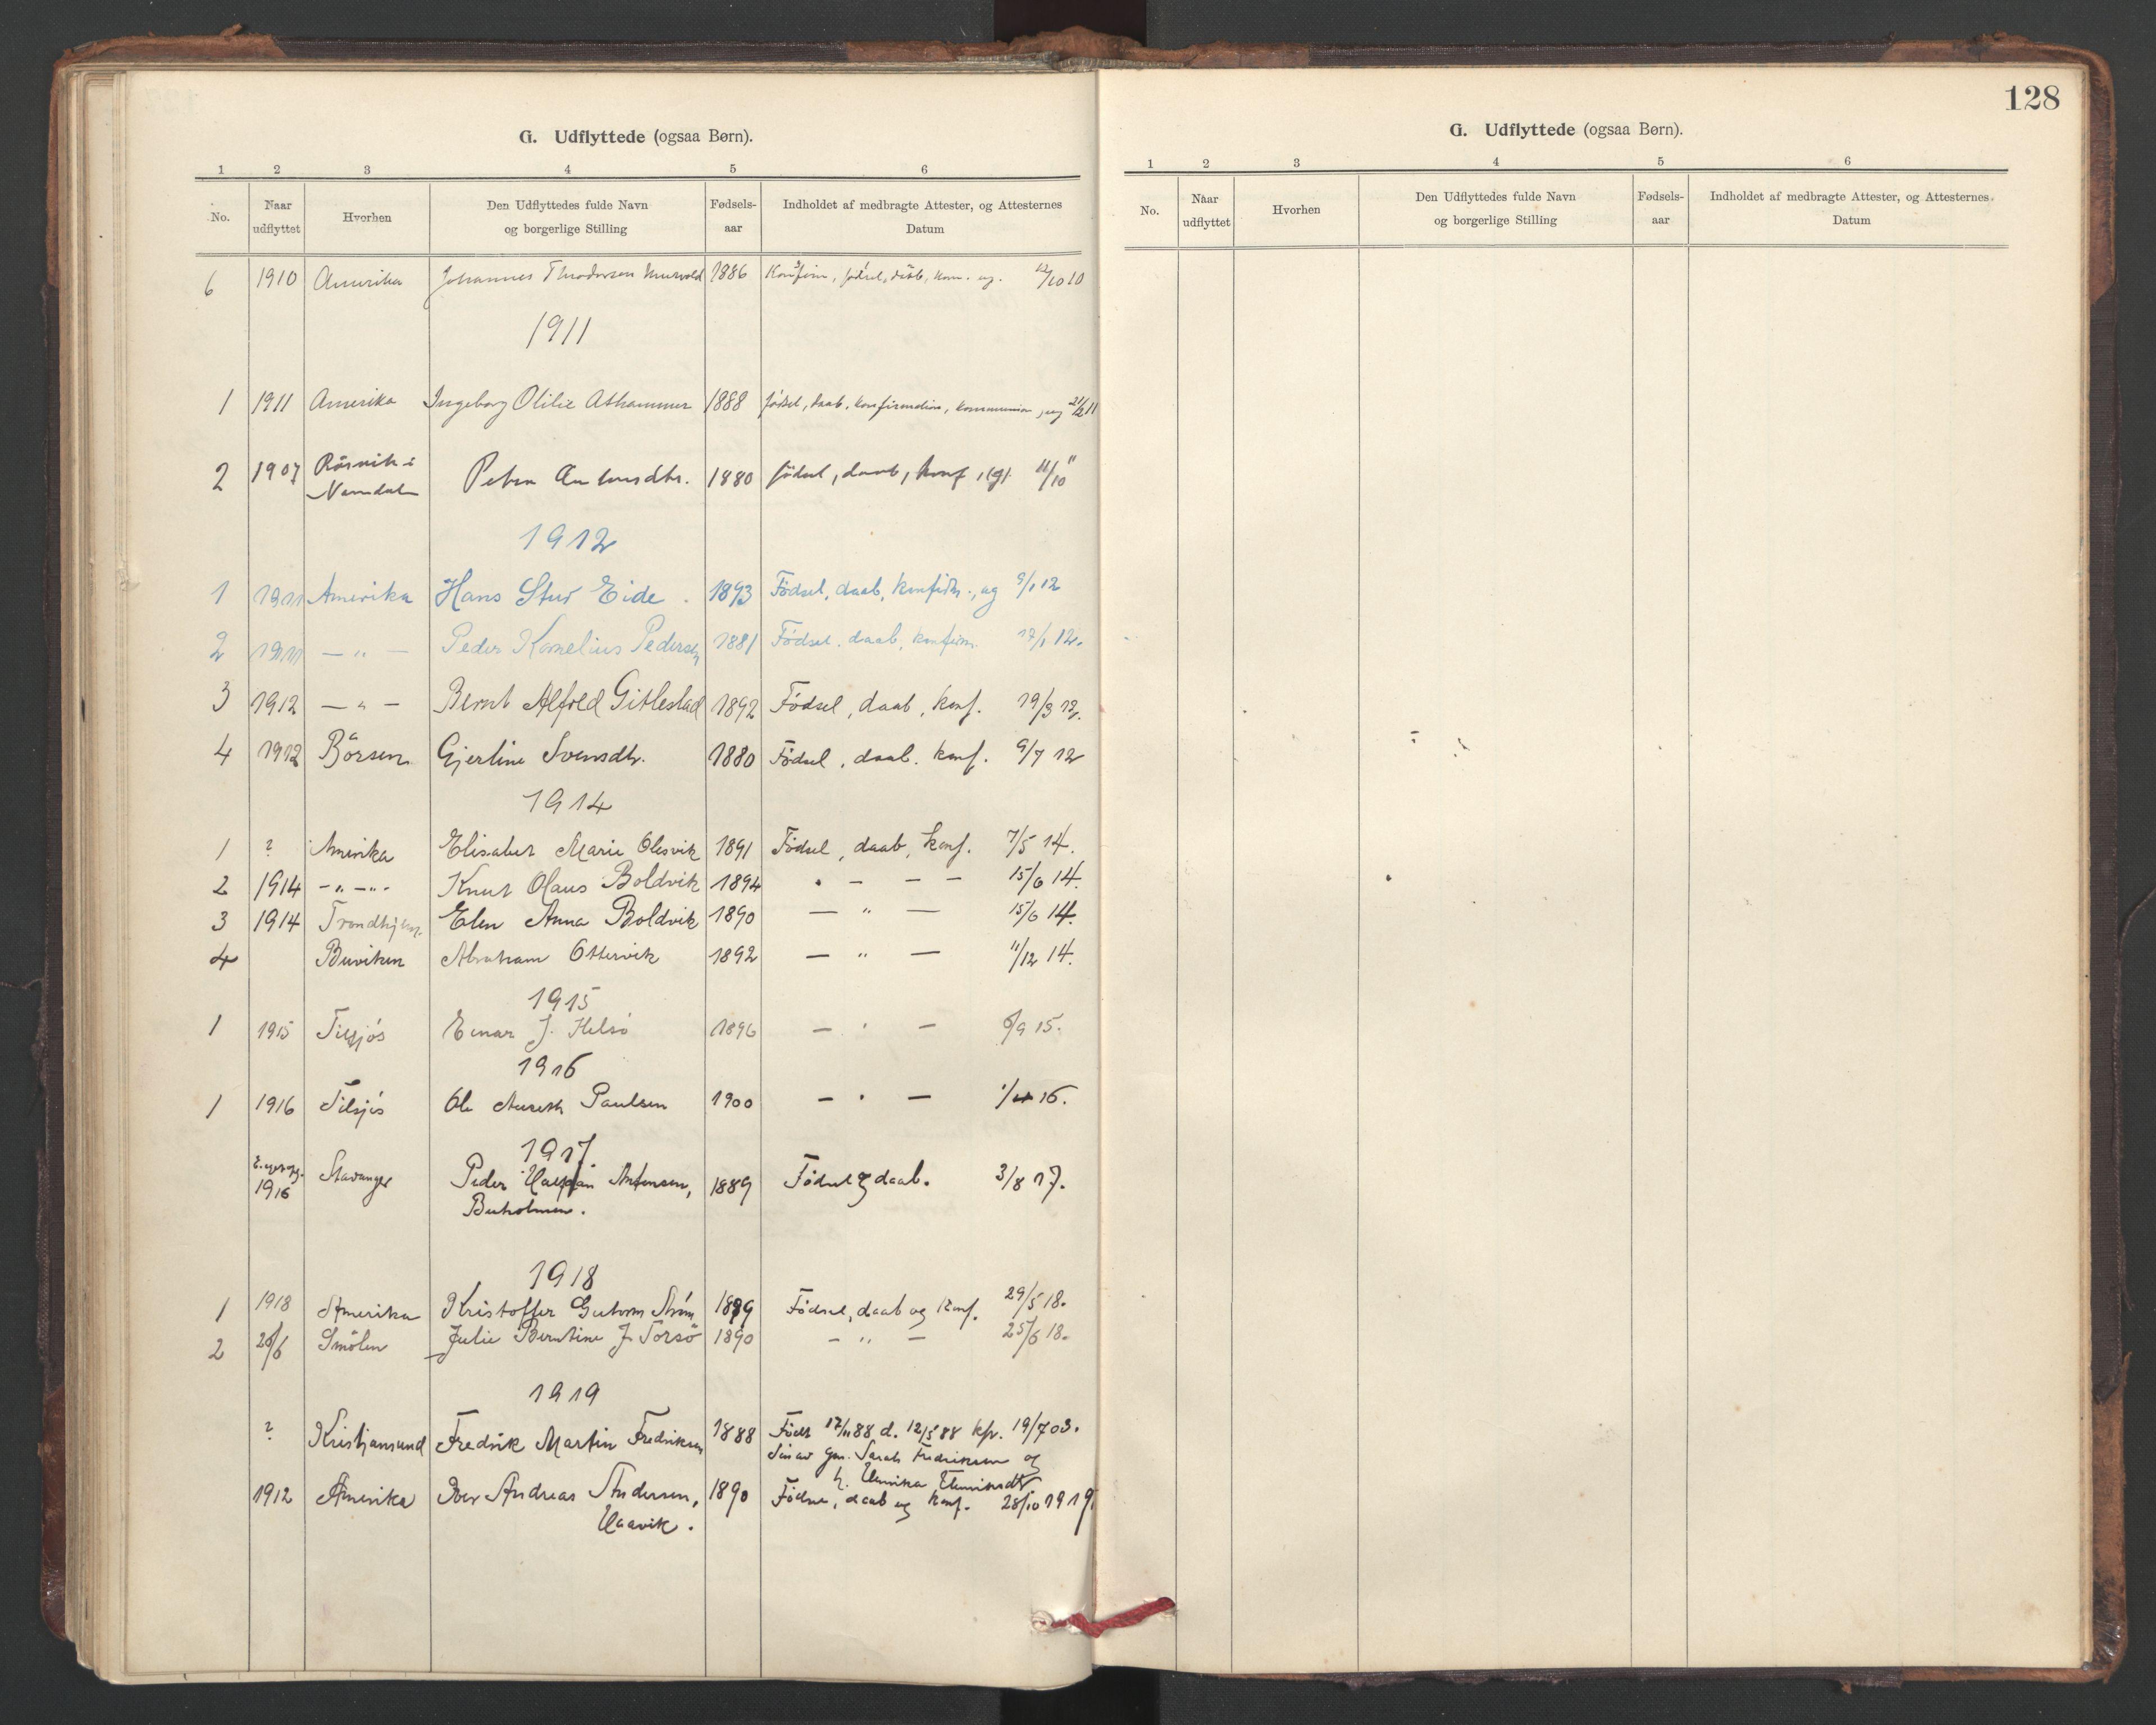 SAT, Ministerialprotokoller, klokkerbøker og fødselsregistre - Sør-Trøndelag, 635/L0552: Ministerialbok nr. 635A02, 1899-1919, s. 128